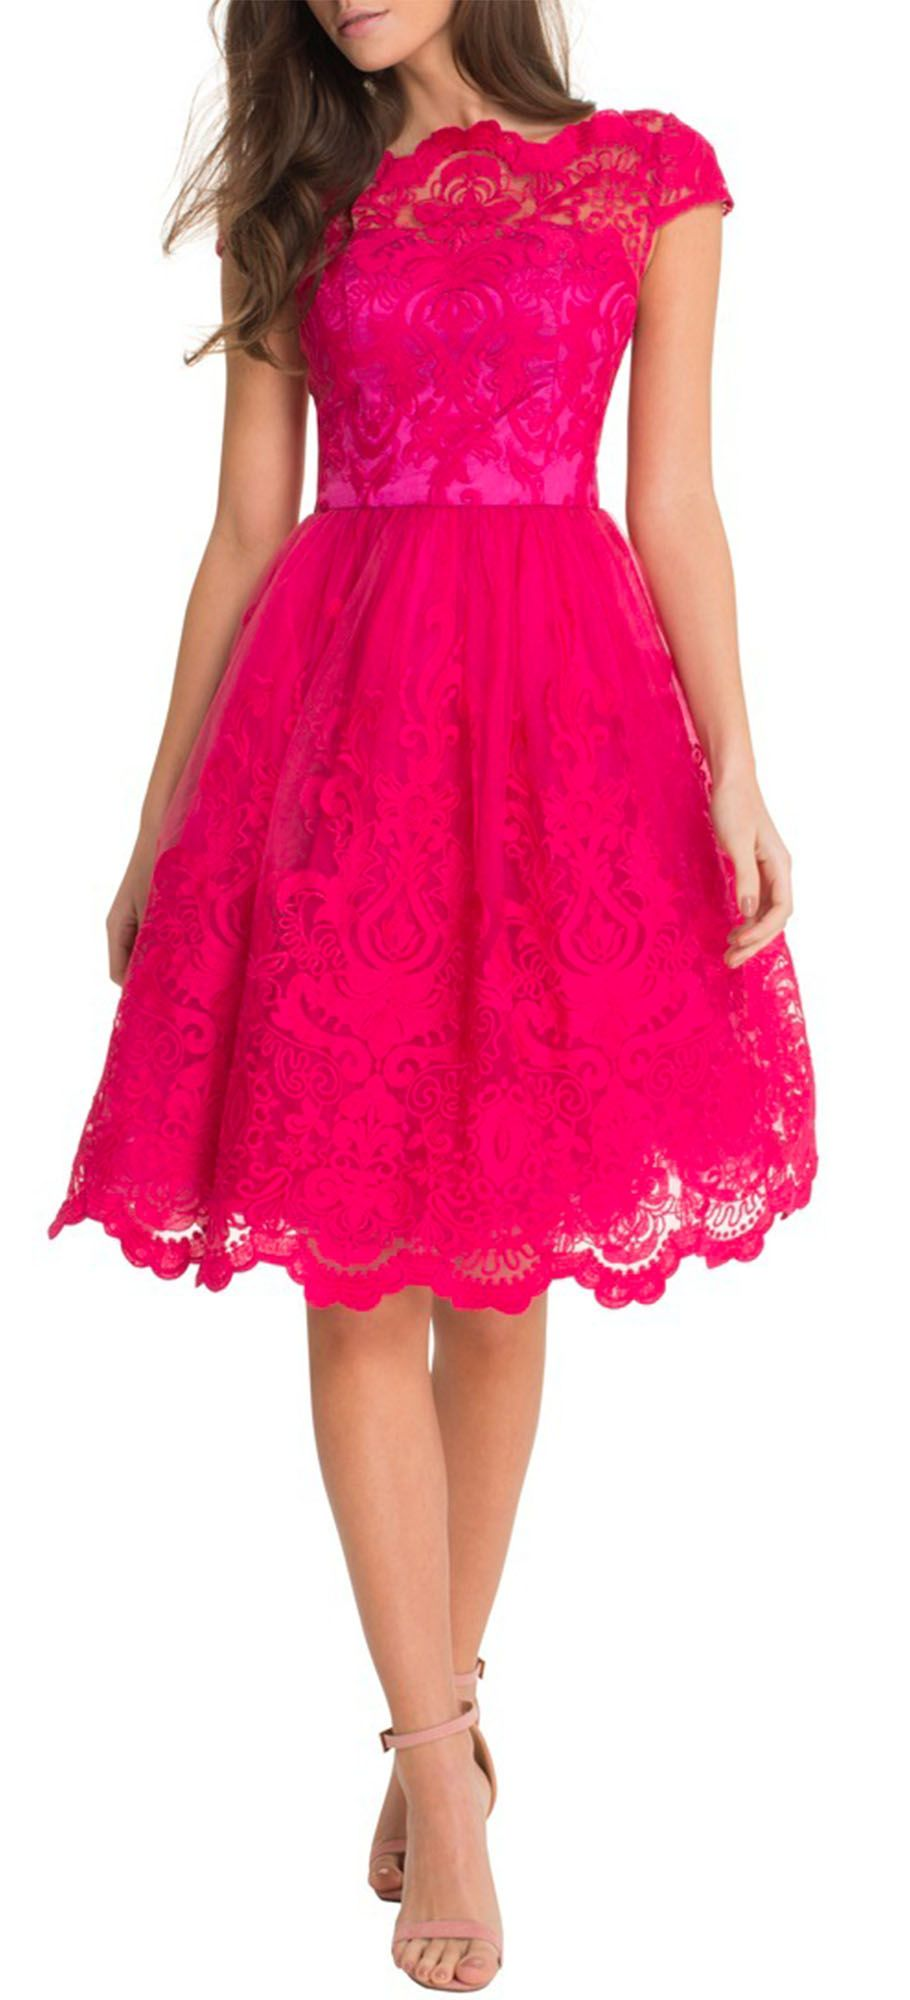 ChiChi Kleid, Cocktailkleid, Abiball Kleid bei FrauenOutfits.de Das ...